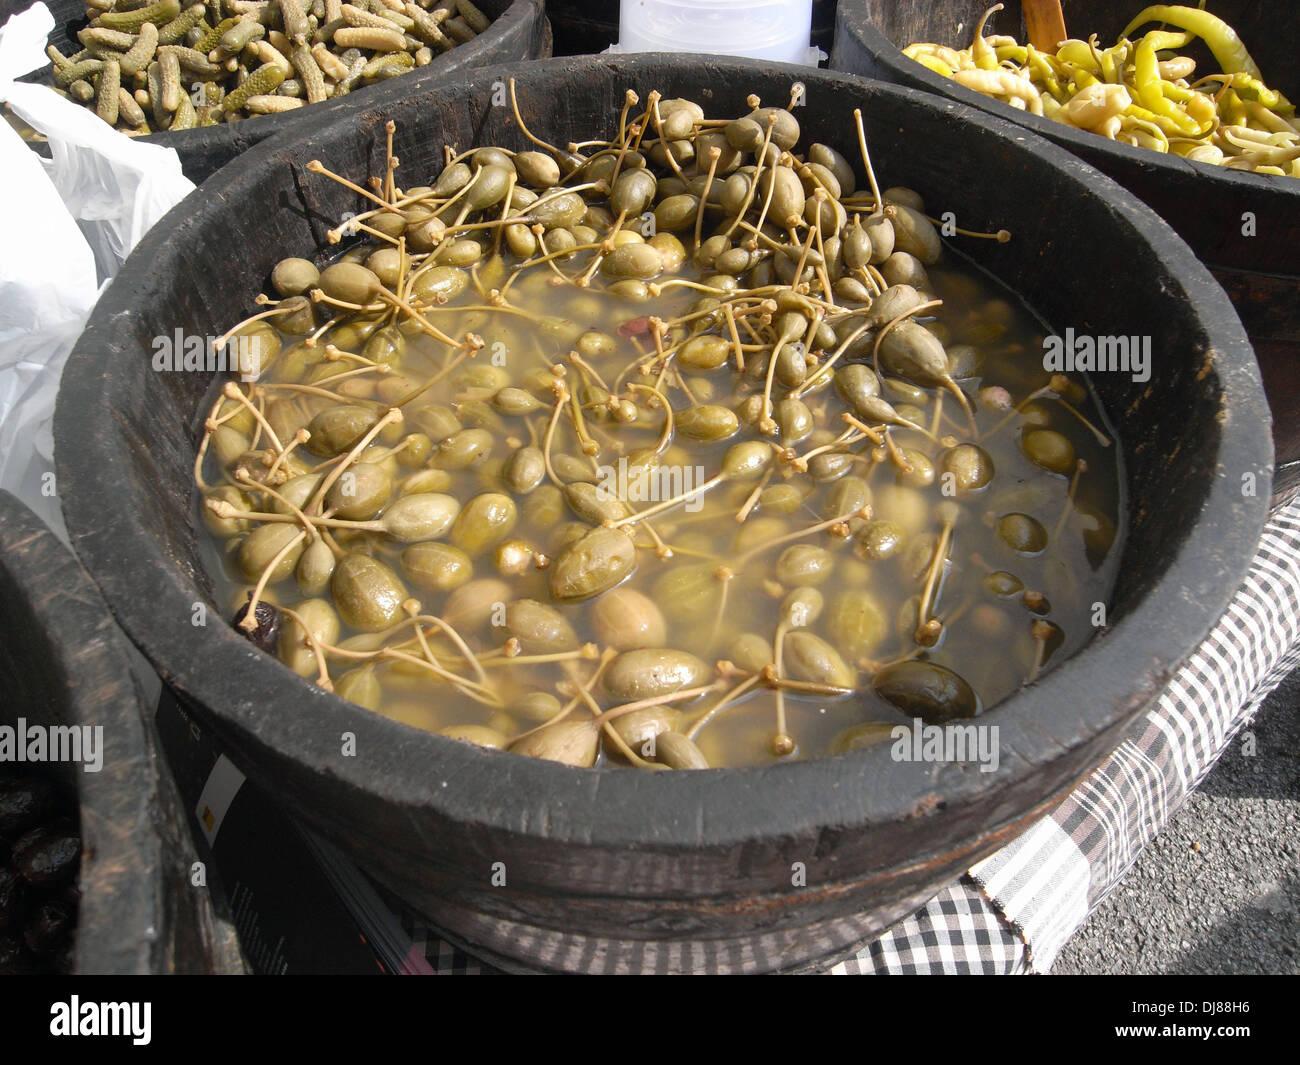 Caperberries preserved in vinegar, in local Catalan market in Barcelona, Spain Stock Photo